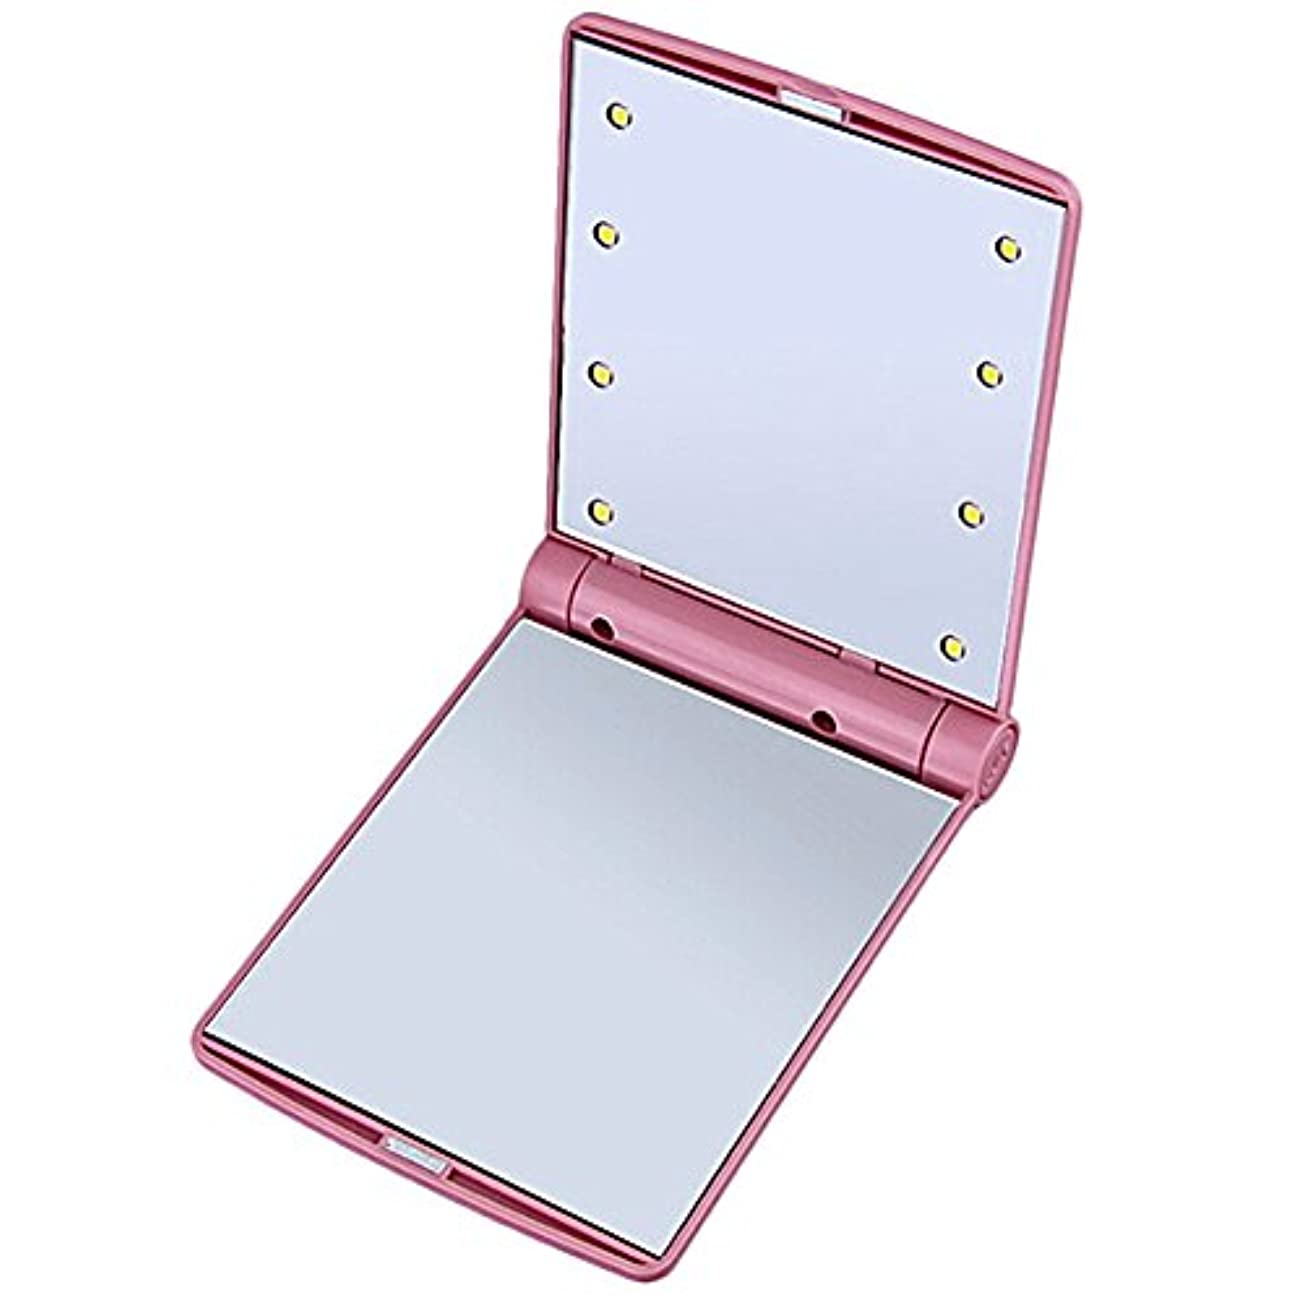 ガジュマル敬意前売QIAONAI 鏡 化粧鏡  LEDライト付き  コンパクトミラー 化粧鏡  LEDミラー  女優ミラー  折りたたみ式 二面鏡  スタンドミラー   コンパクト  LEDライト8個 女性